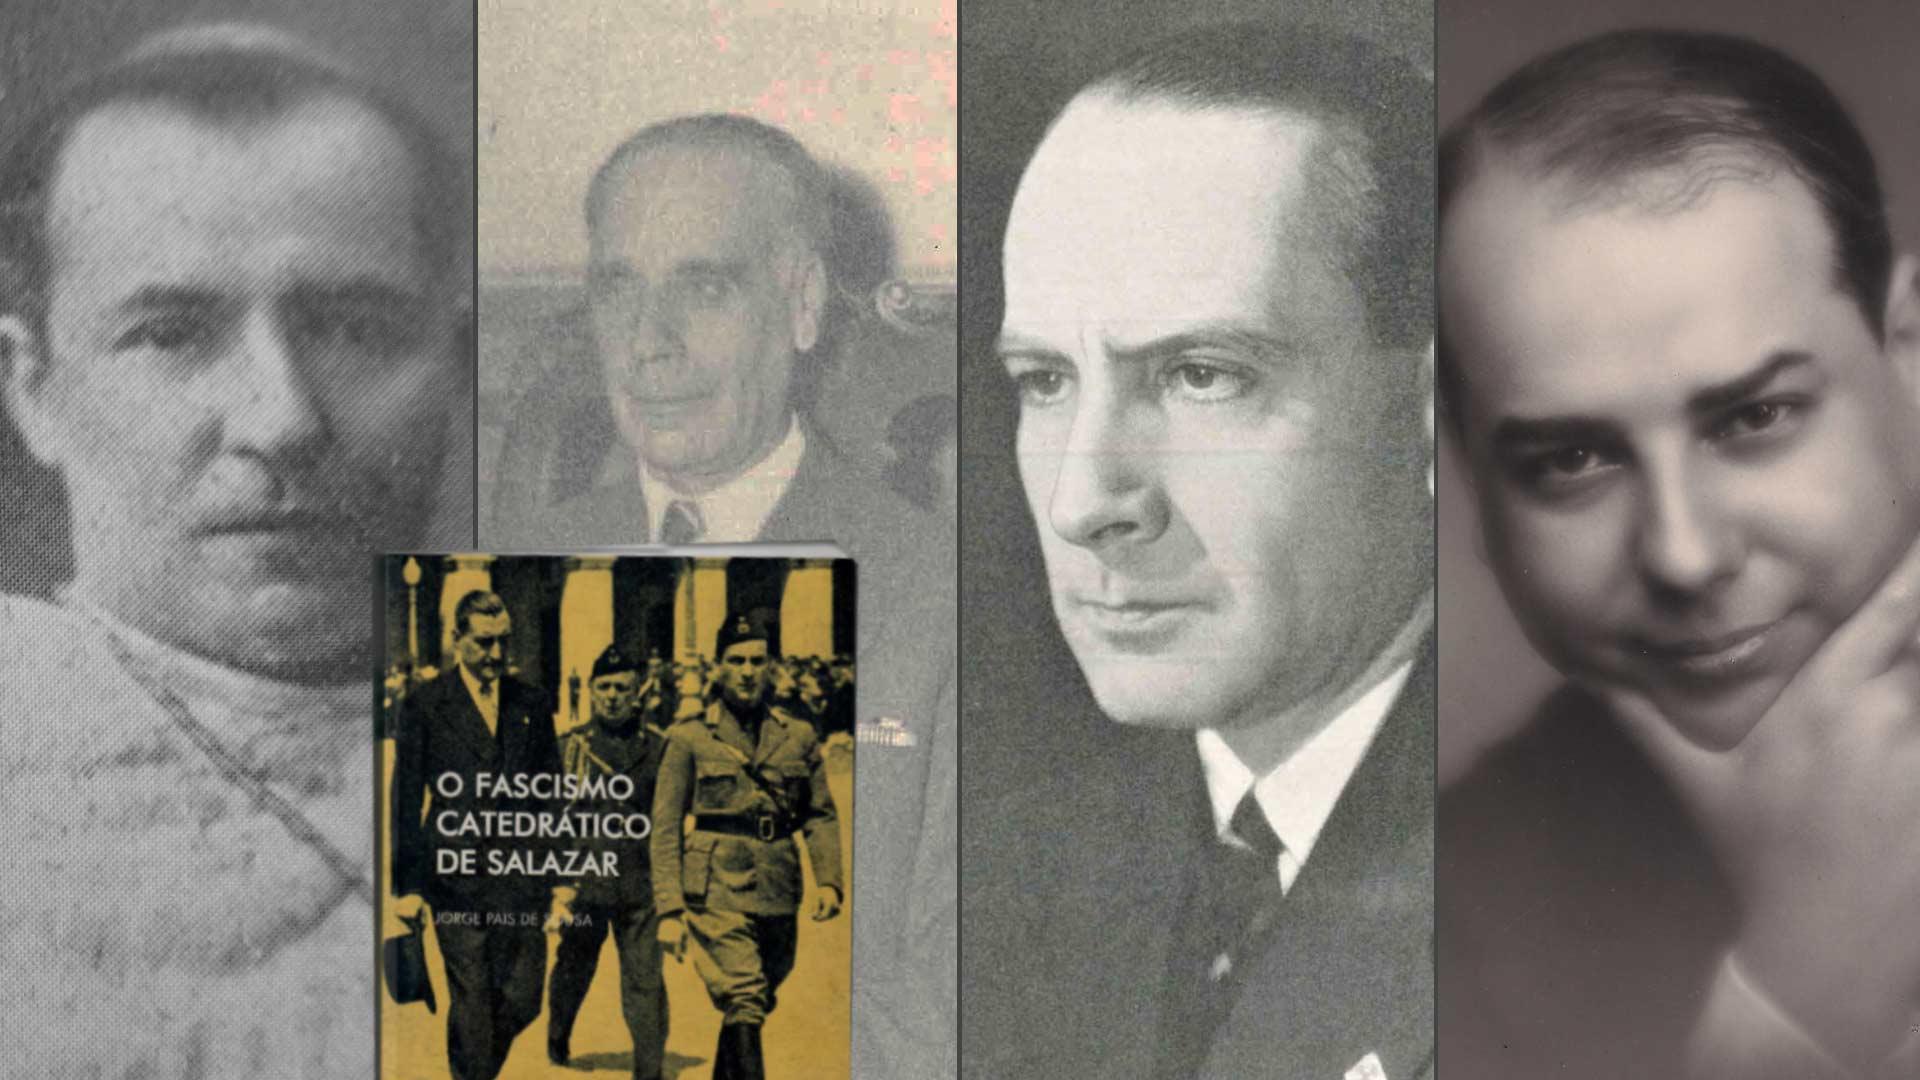 """Jorge Pais de Sousa e """"a ditadura de doutores"""" de Salazar"""